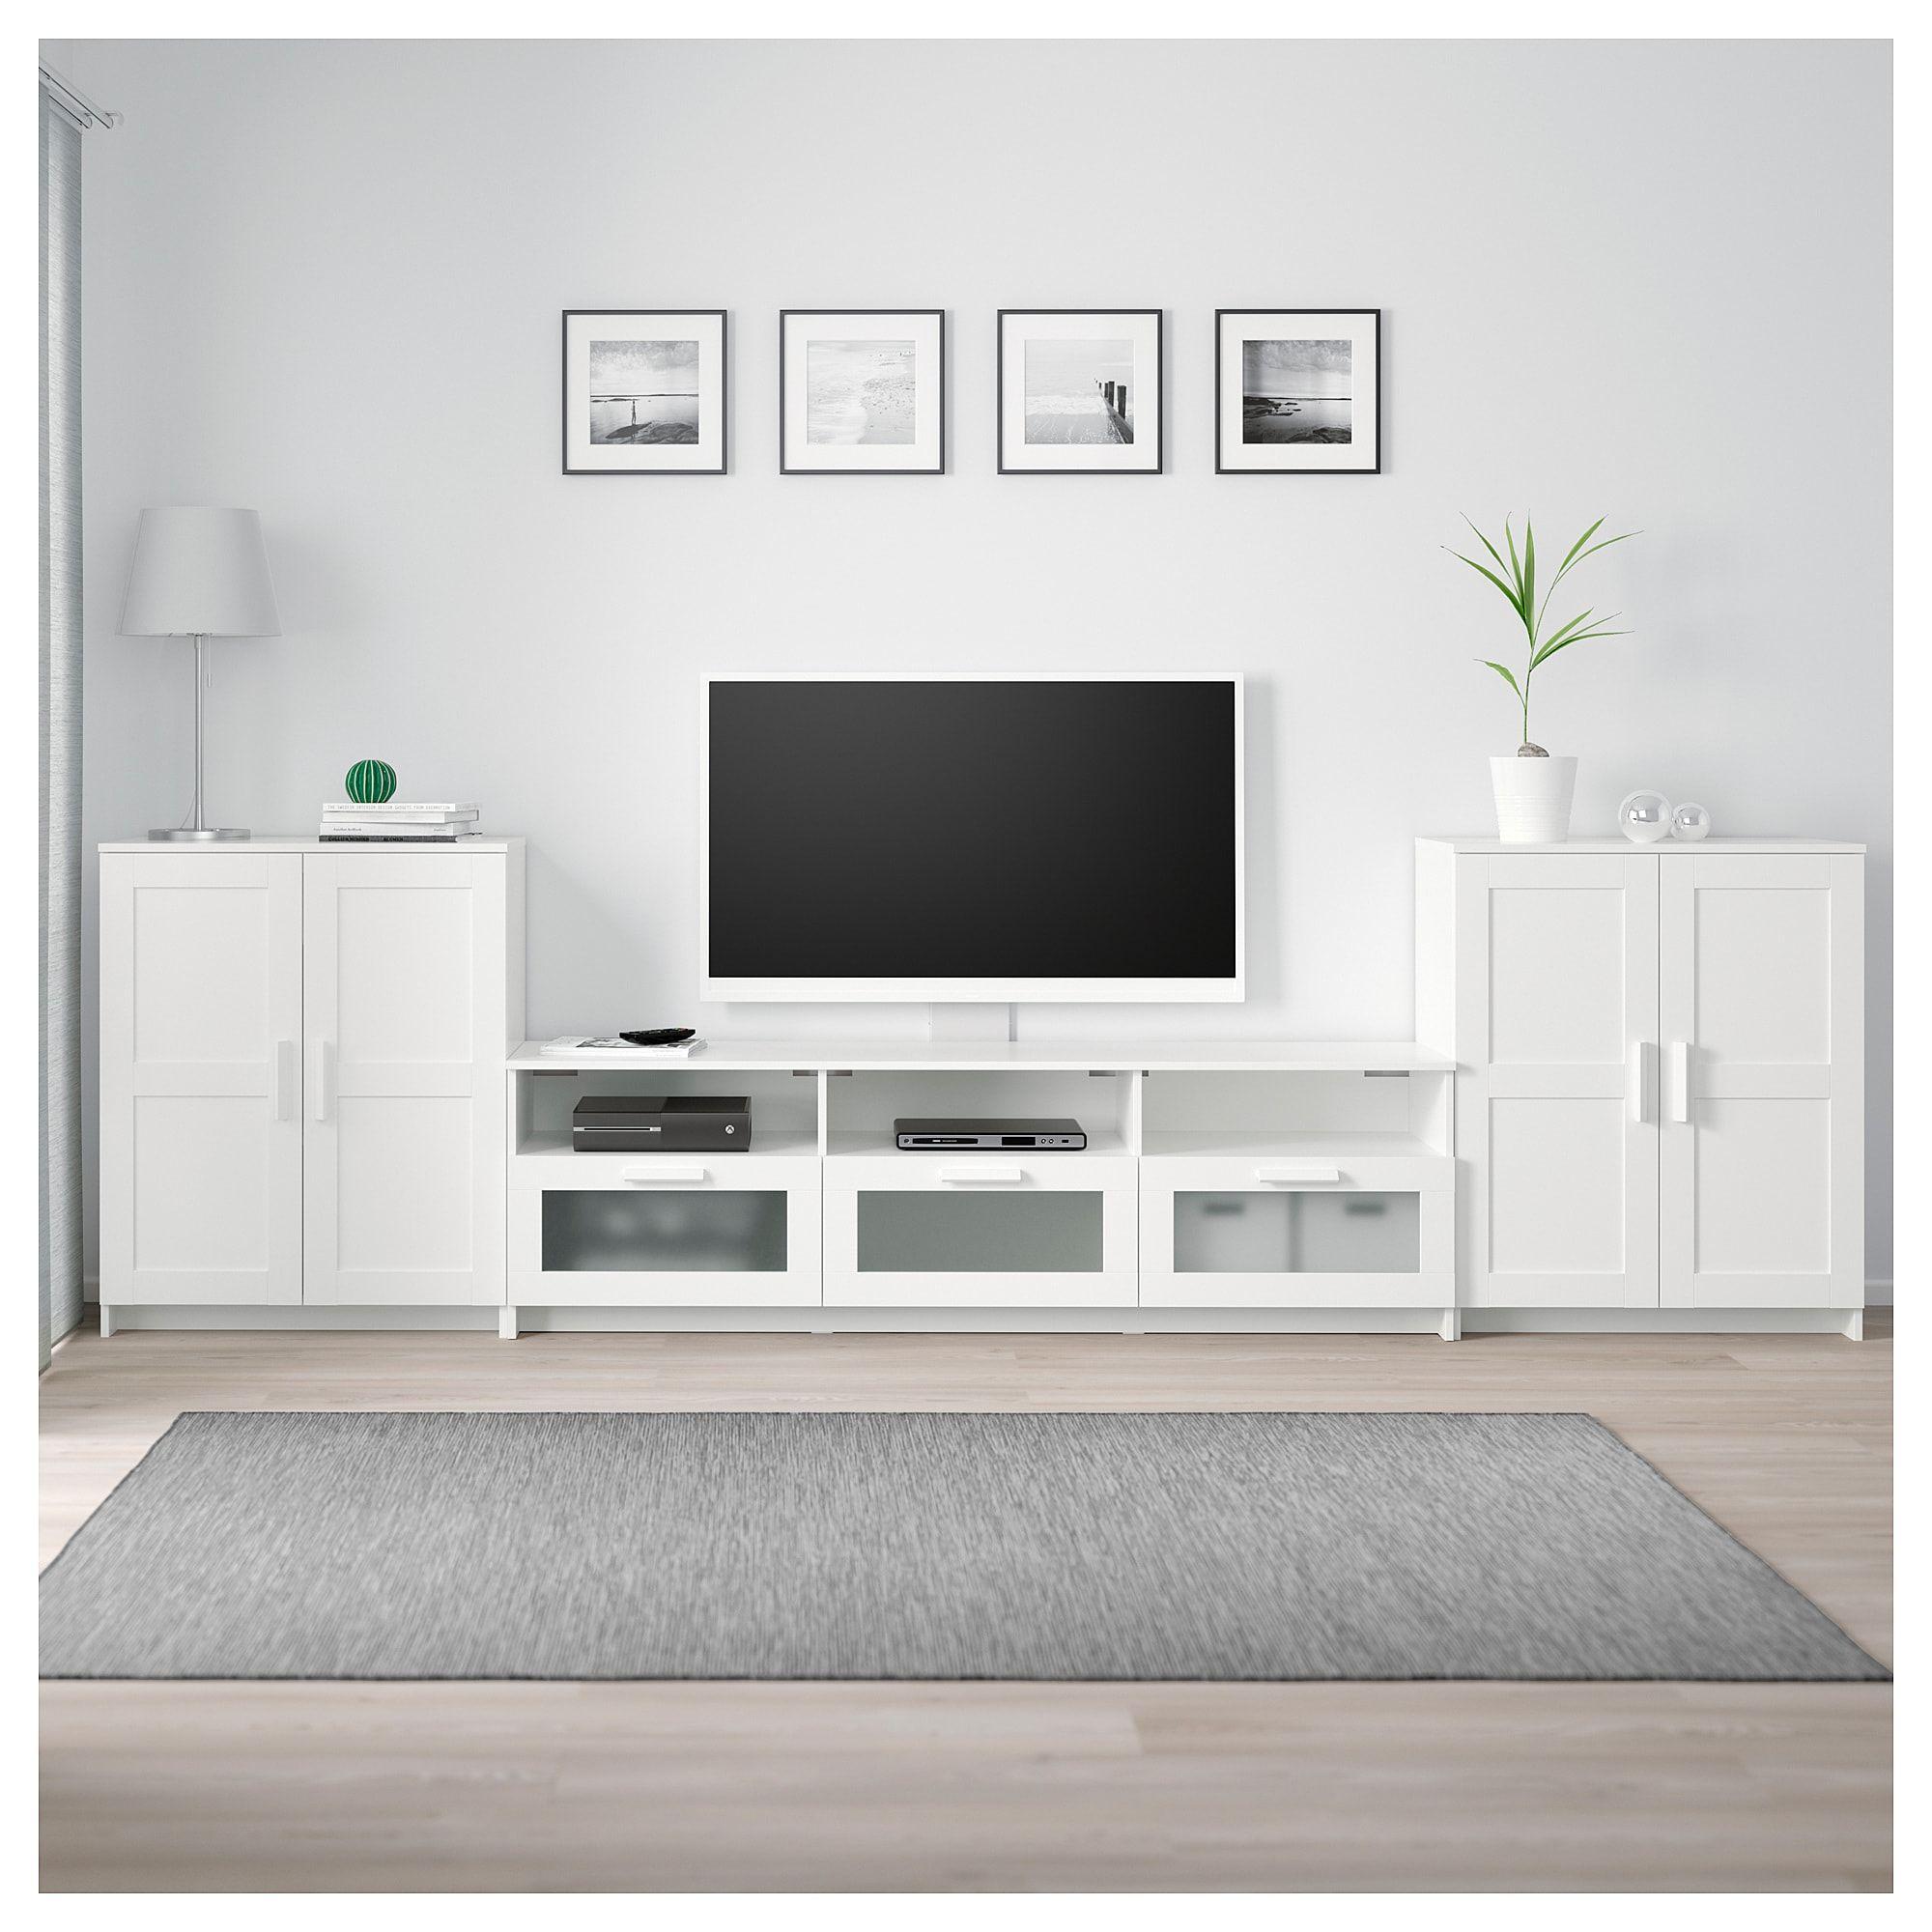 Brimnes Tv Storage Combination White 132 1 4x16 1 8x37 3 8